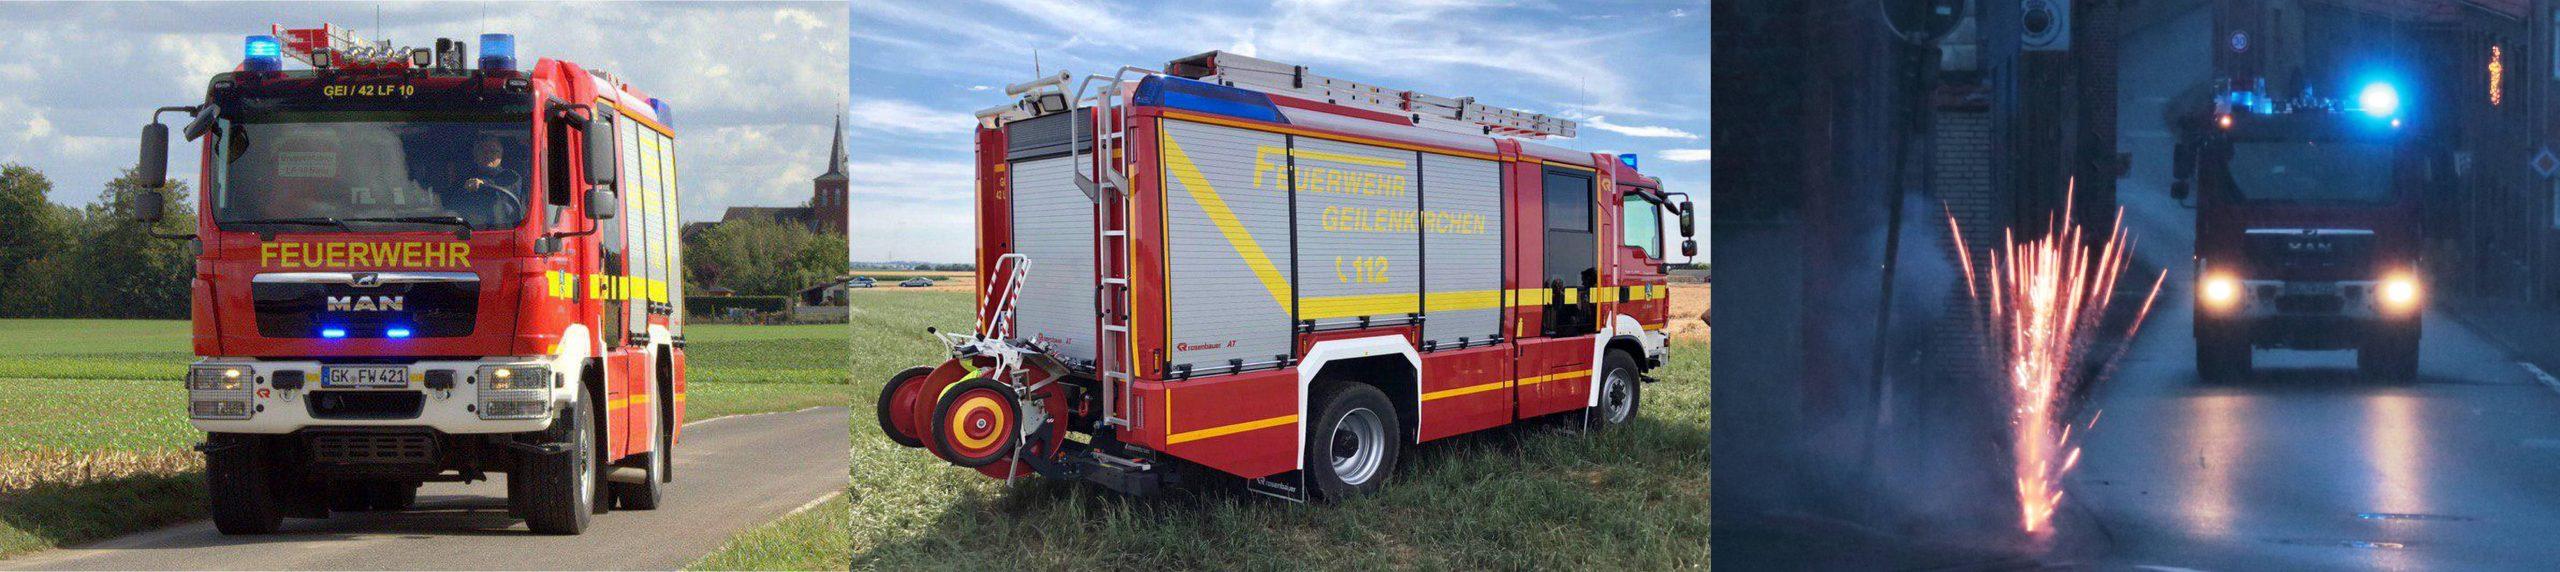 Feuerwehr Nirm